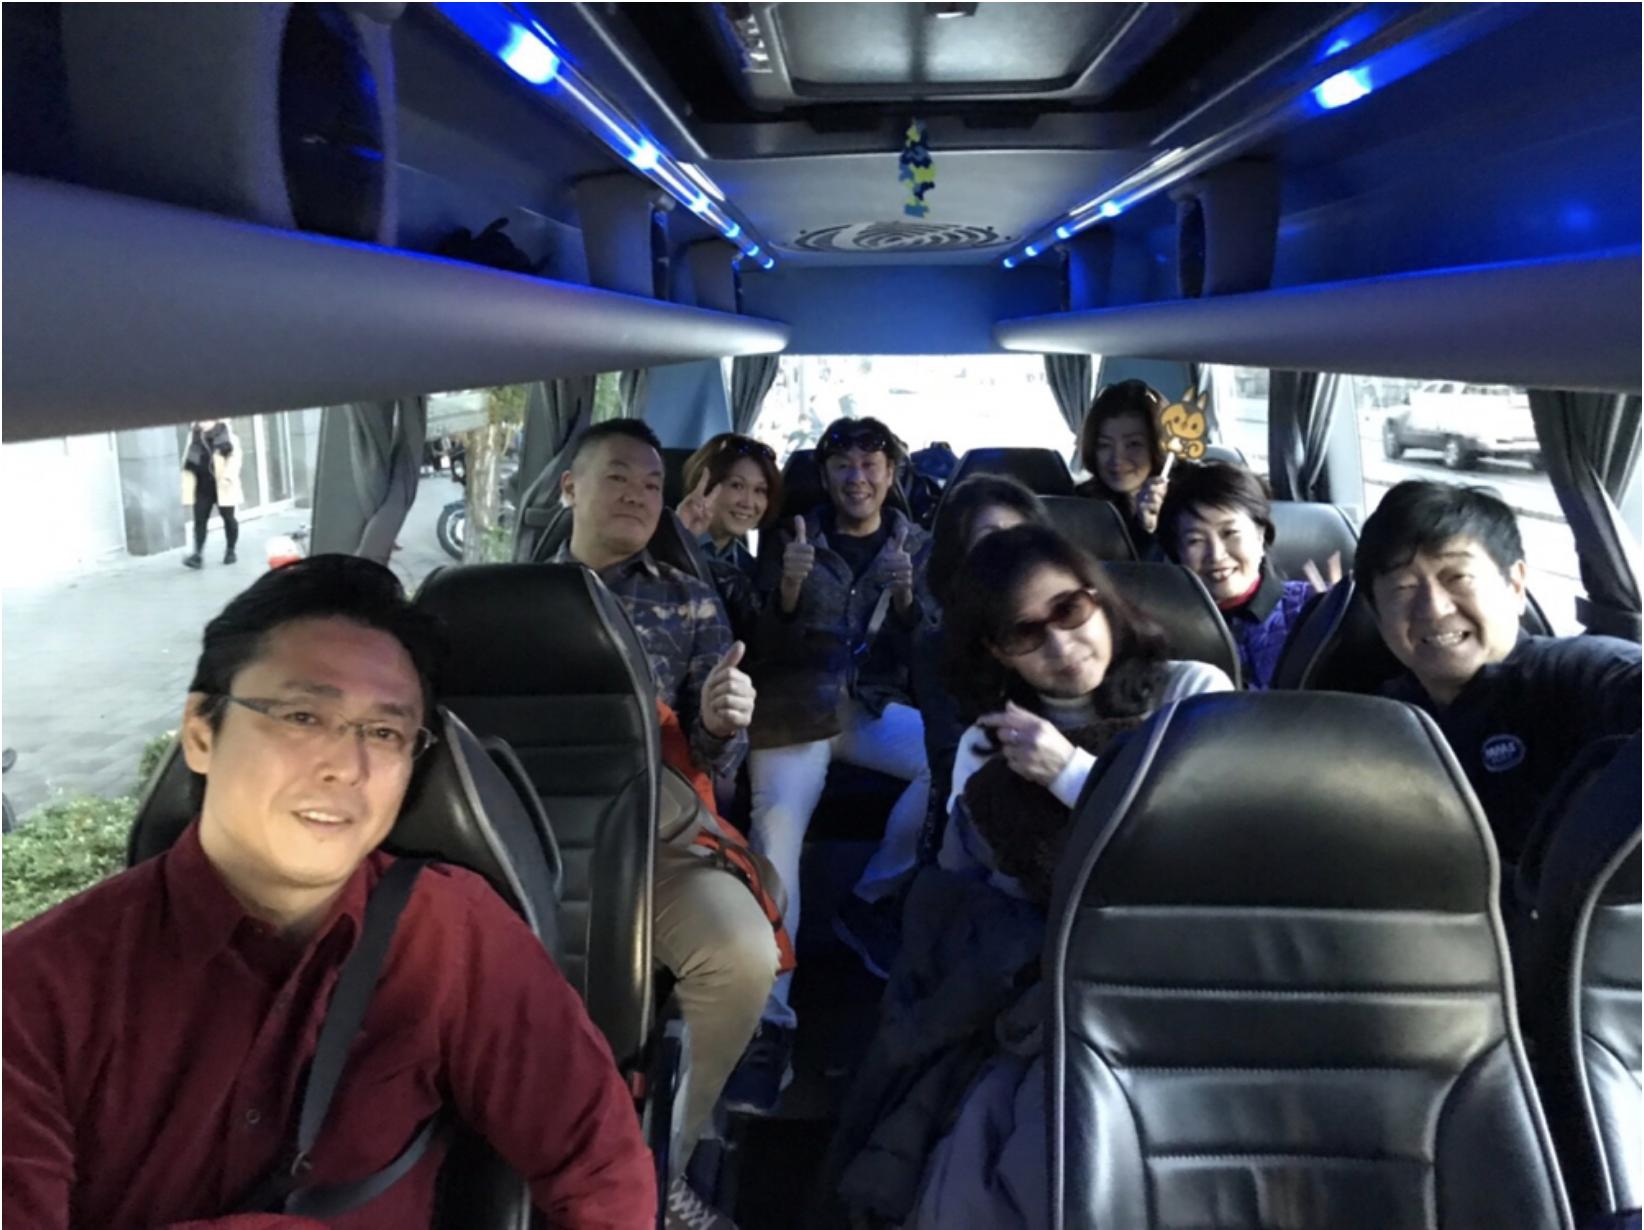 ミュンヘン滞在2日目 バスの中でも記念撮影